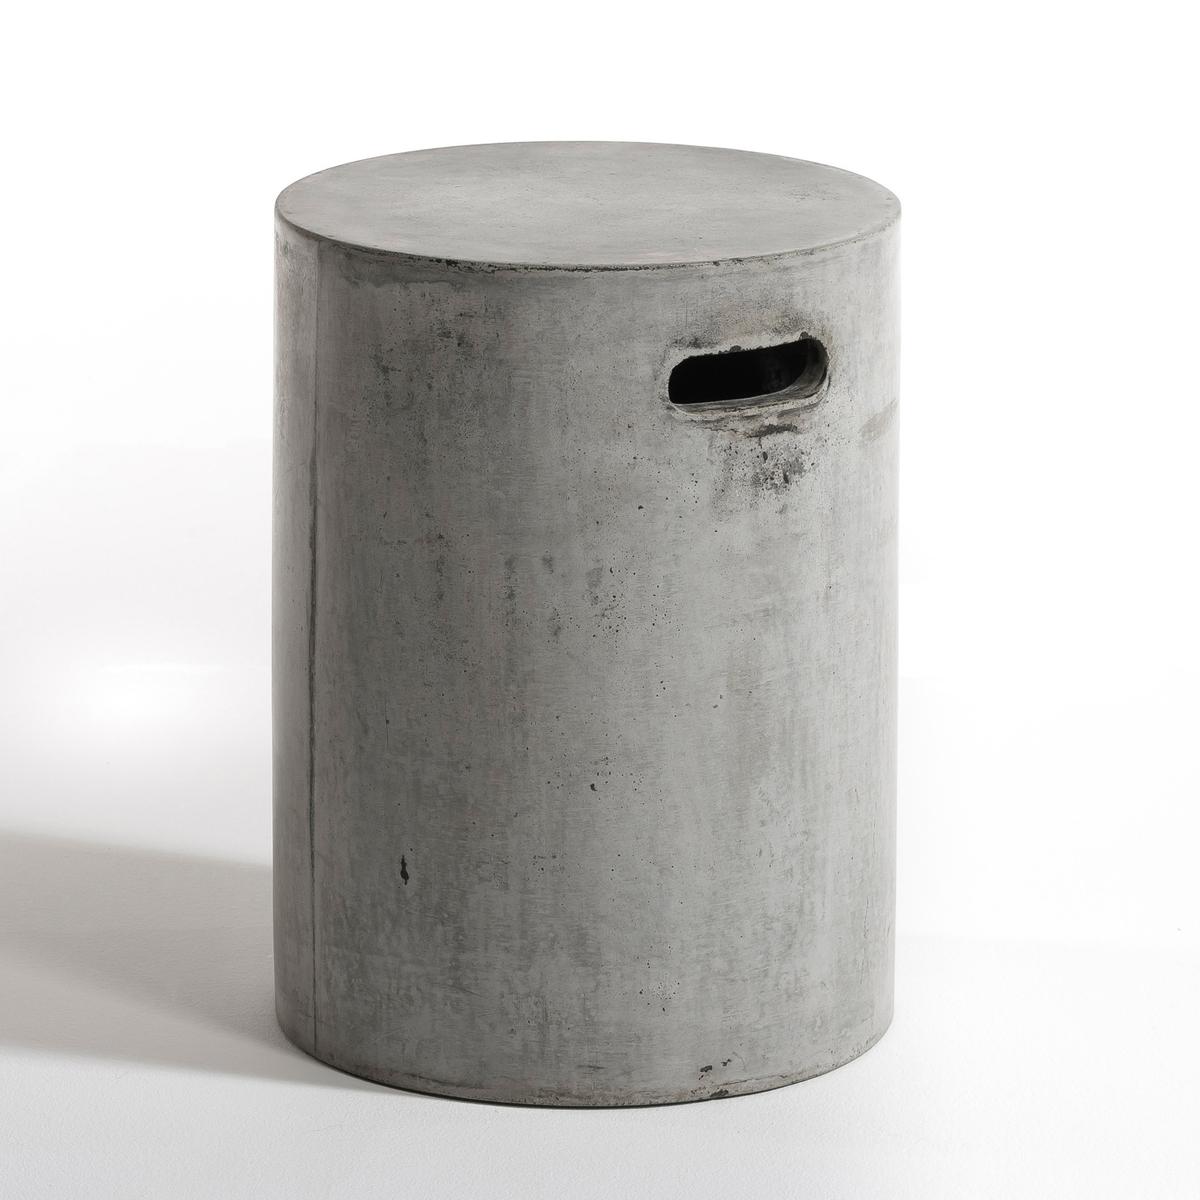 Журнальный столик Tatum, цементЦилиндрическая форма с ручкой позволяет с лёгкостью перемещать этот журнальный столик,    а благодаря материалу с ним ничего не случится на открытом воздухе..            Из цемента (цвет неоднородный). ?35, В. 45 см.<br><br>Цвет: серый бетонный<br>Размер: единый размер